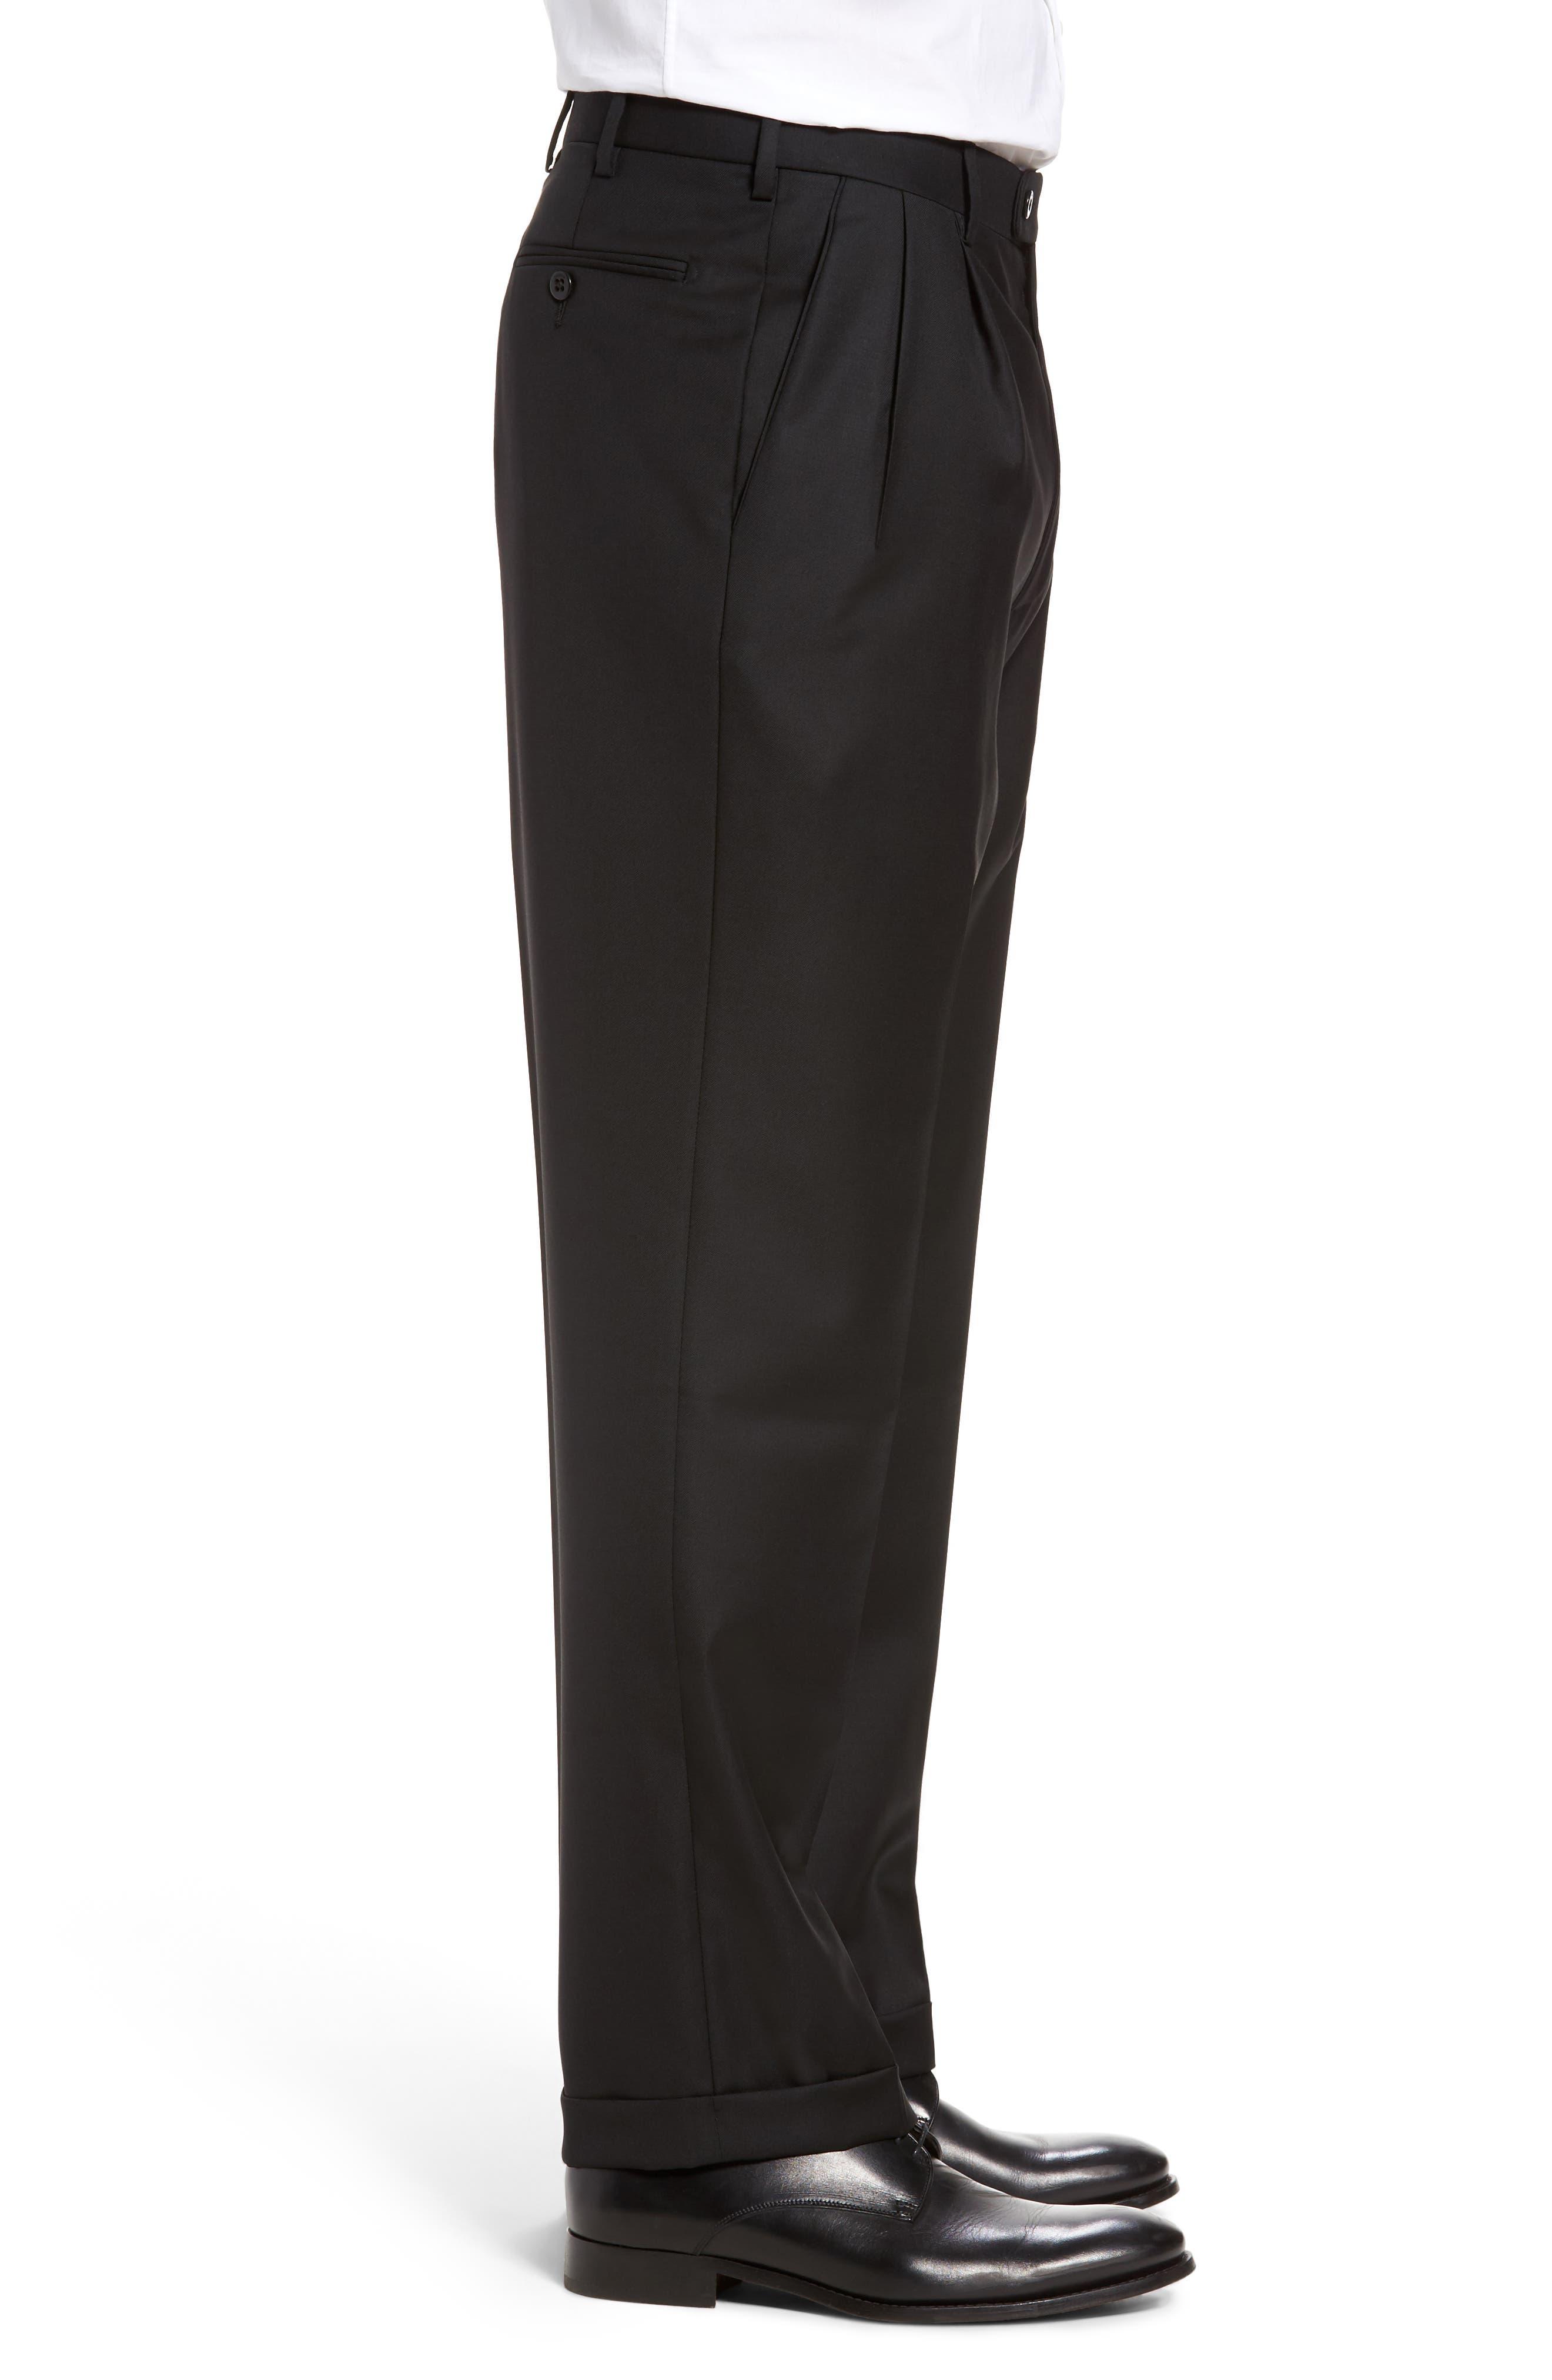 Bennett Regular Fit Pleated Trousers,                             Alternate thumbnail 3, color,                             Black